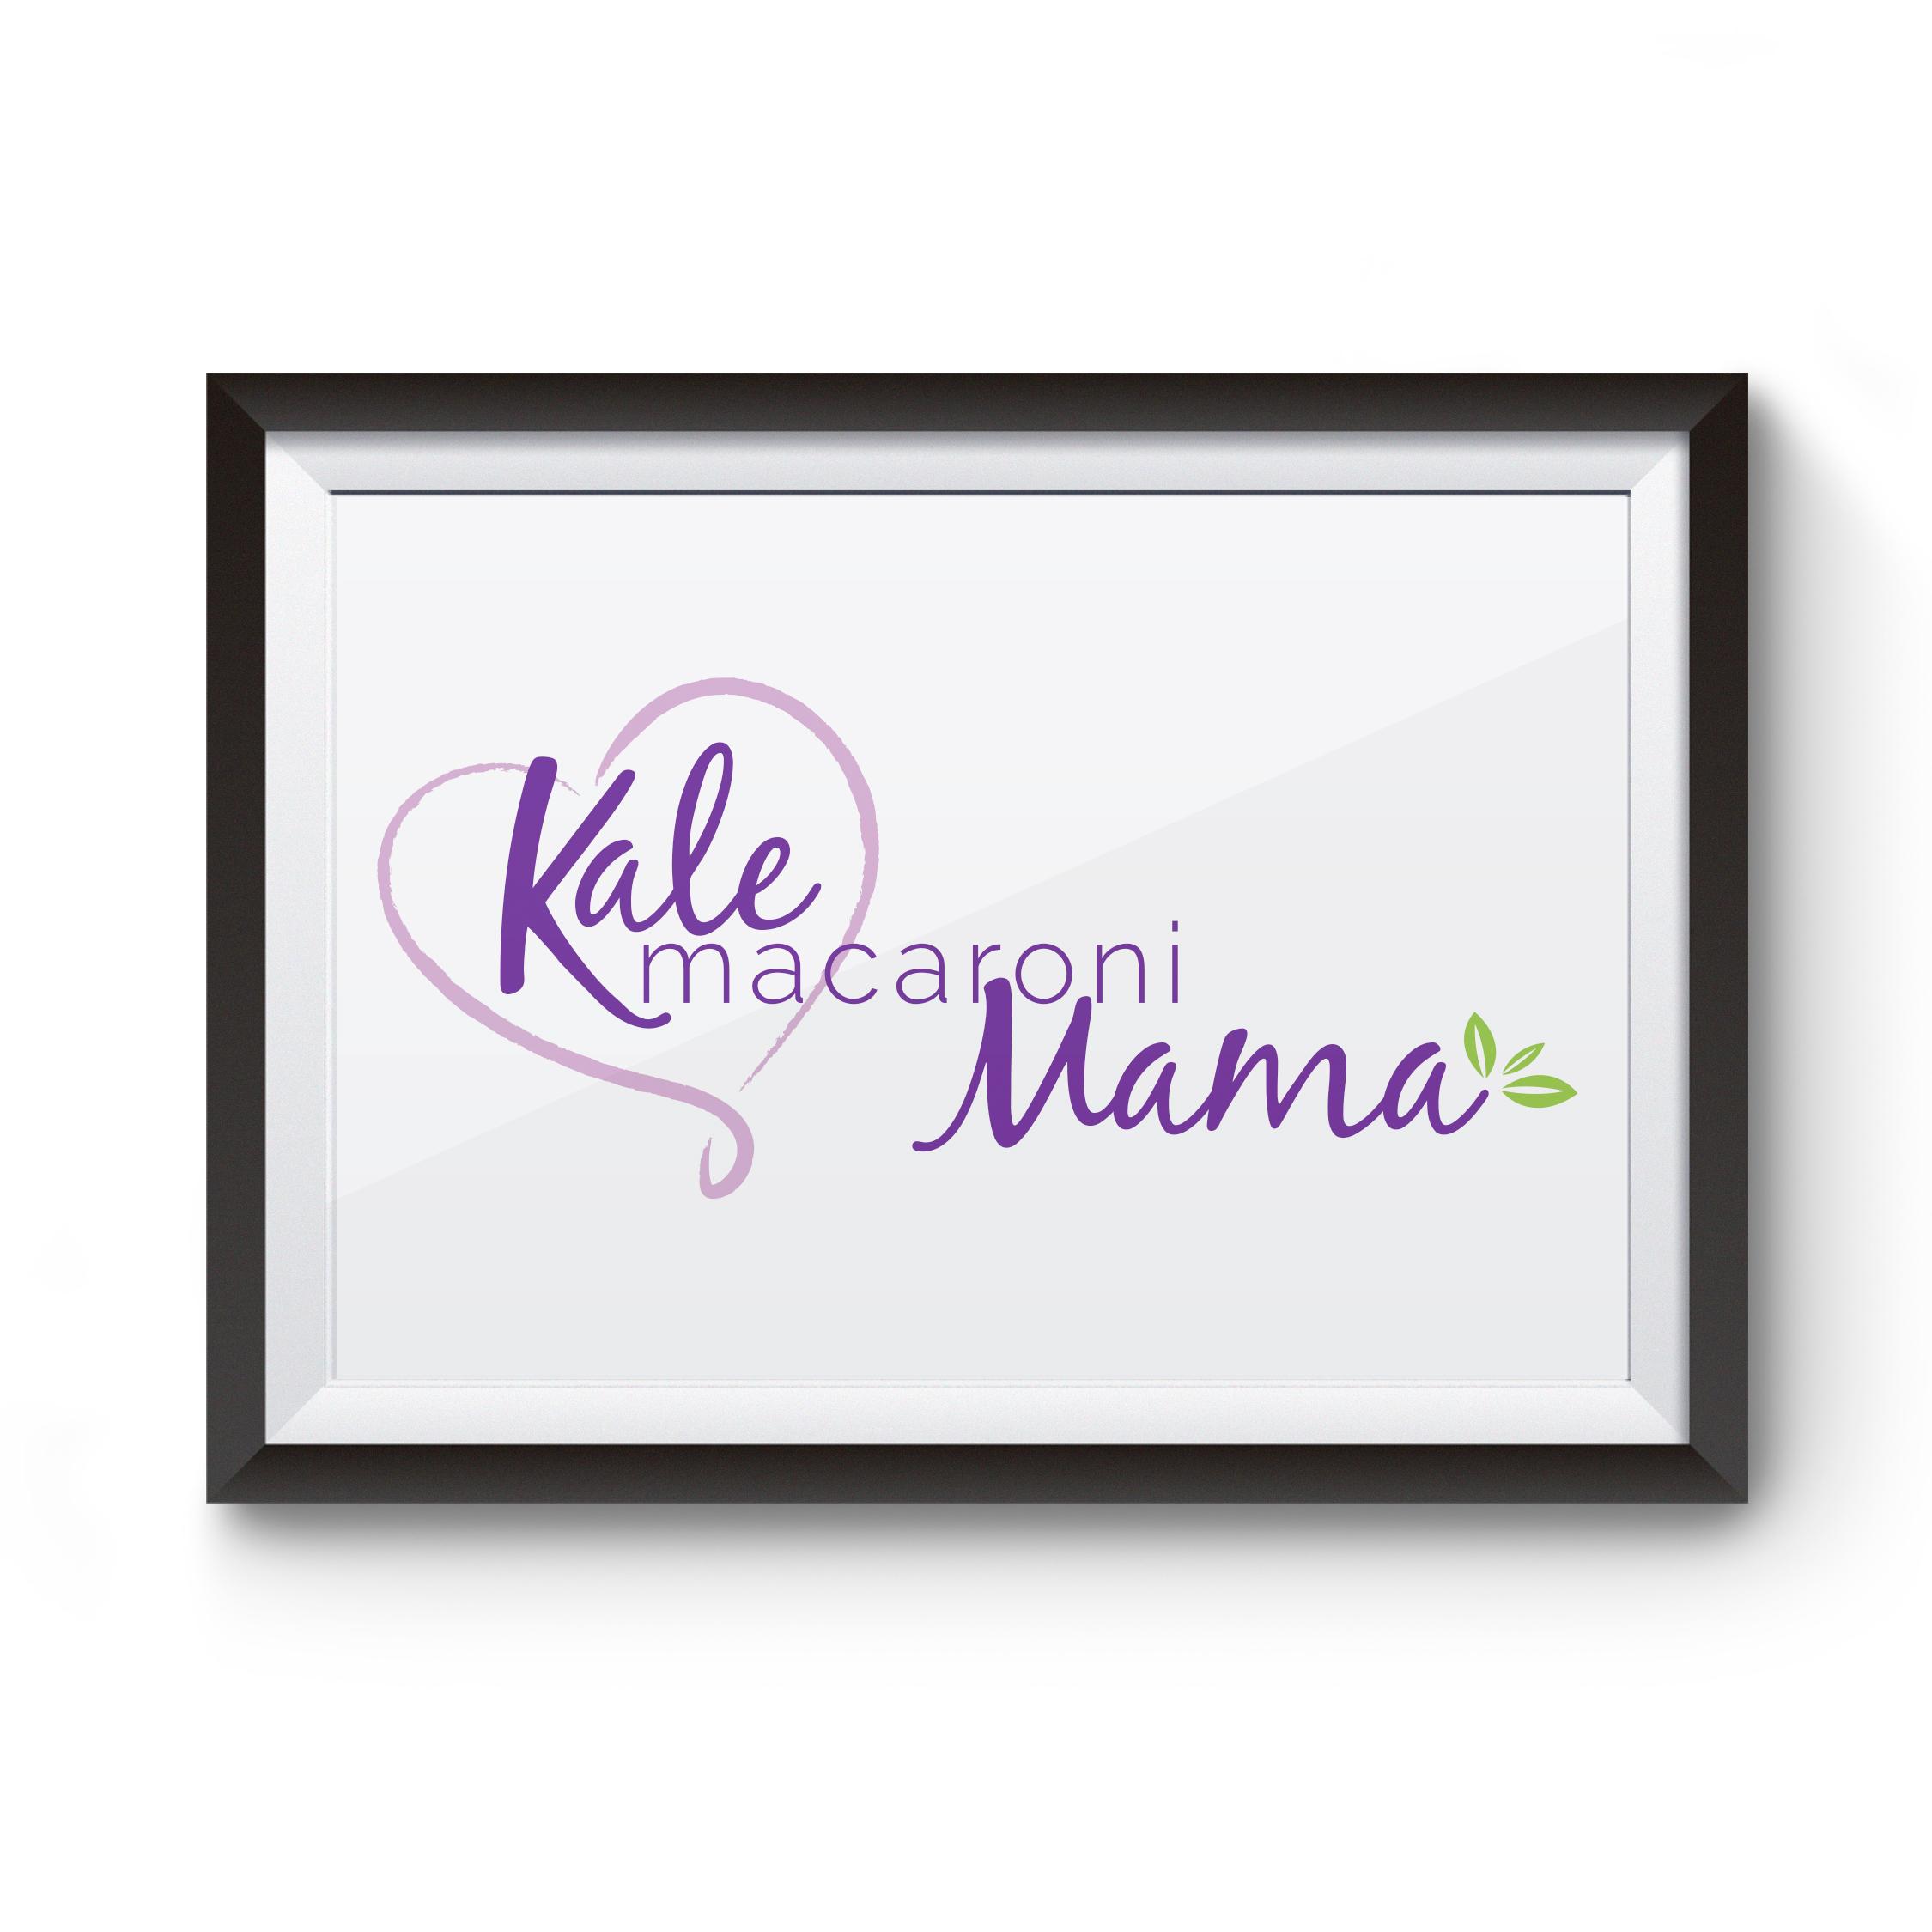 kale-macaroni-mama-logo.jpg